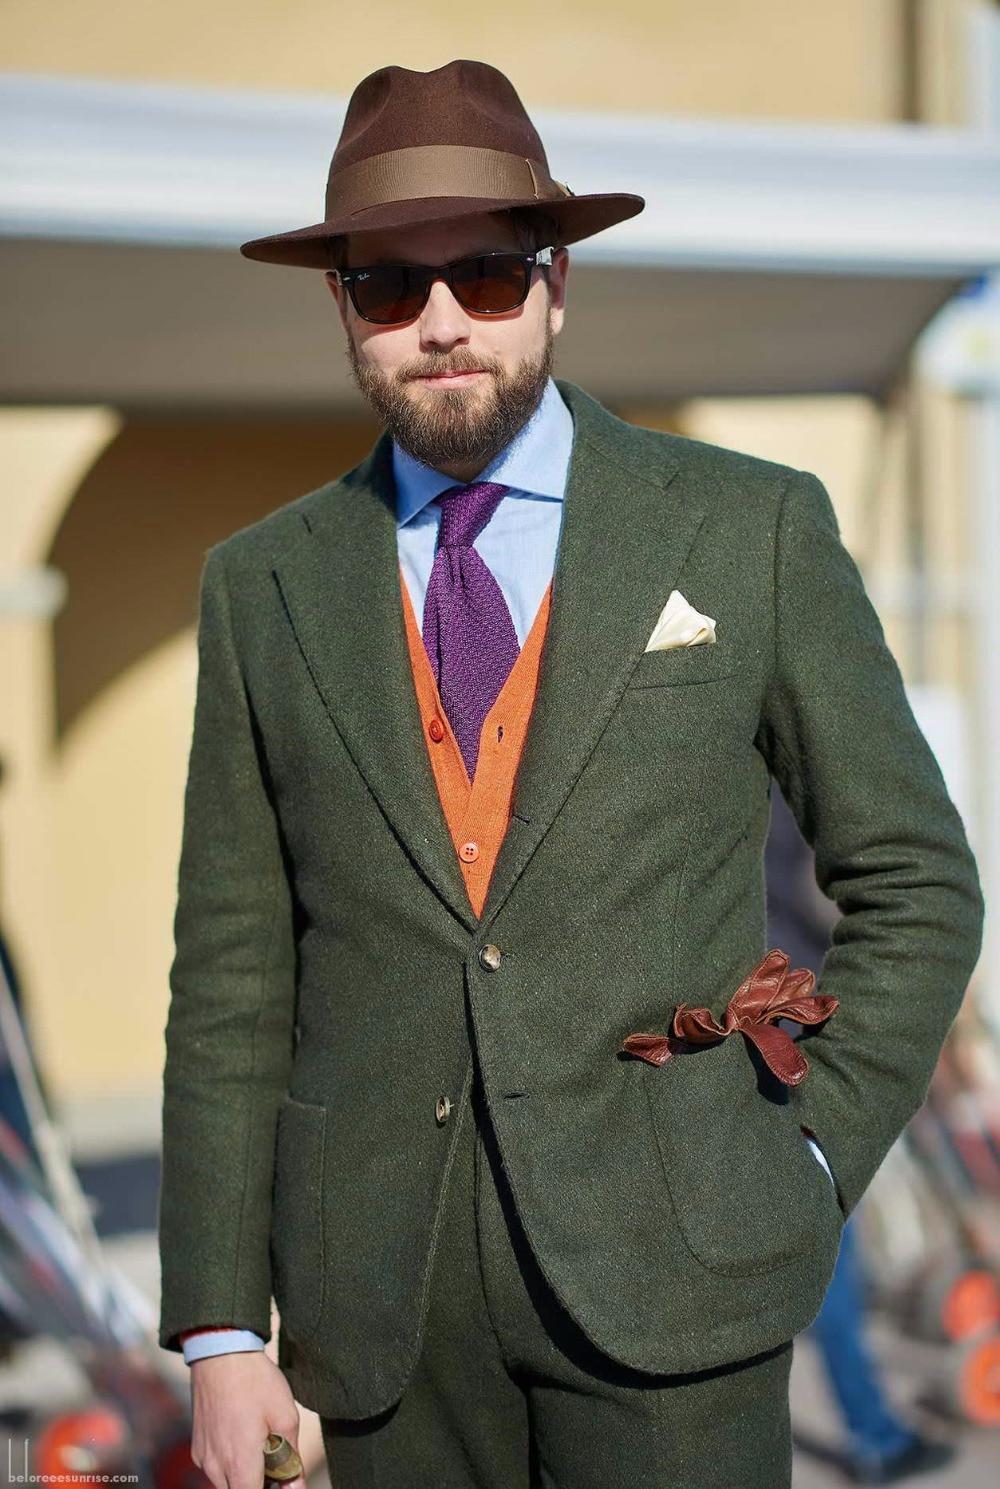 بدلة تويد خضراء مخصصة لحفلات الزفاف ، بدلة سهرة رسمية ، بدلة عشاء للعريس ، بدلة من 3 قطع (جاكيت + سترة سروال)